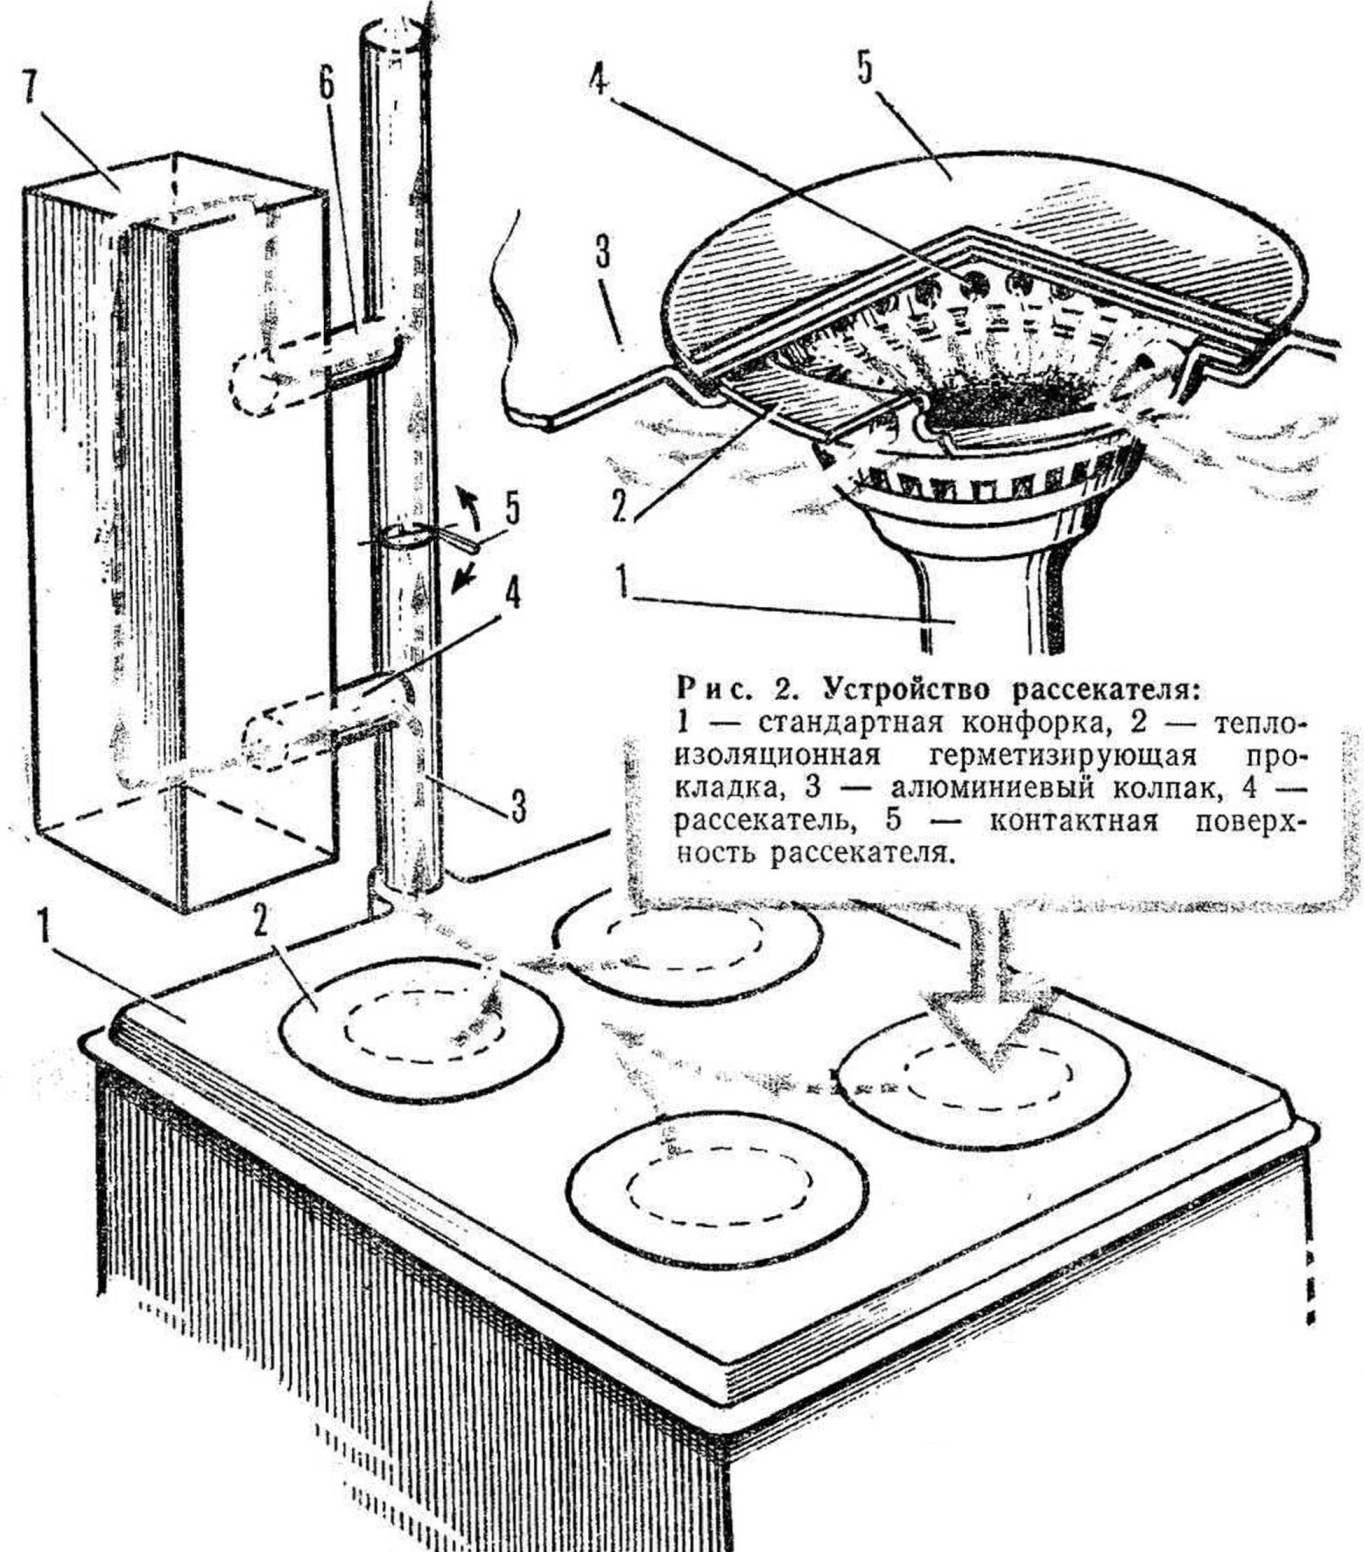 Р и с. 1. Принципиальная схема газовой плиты